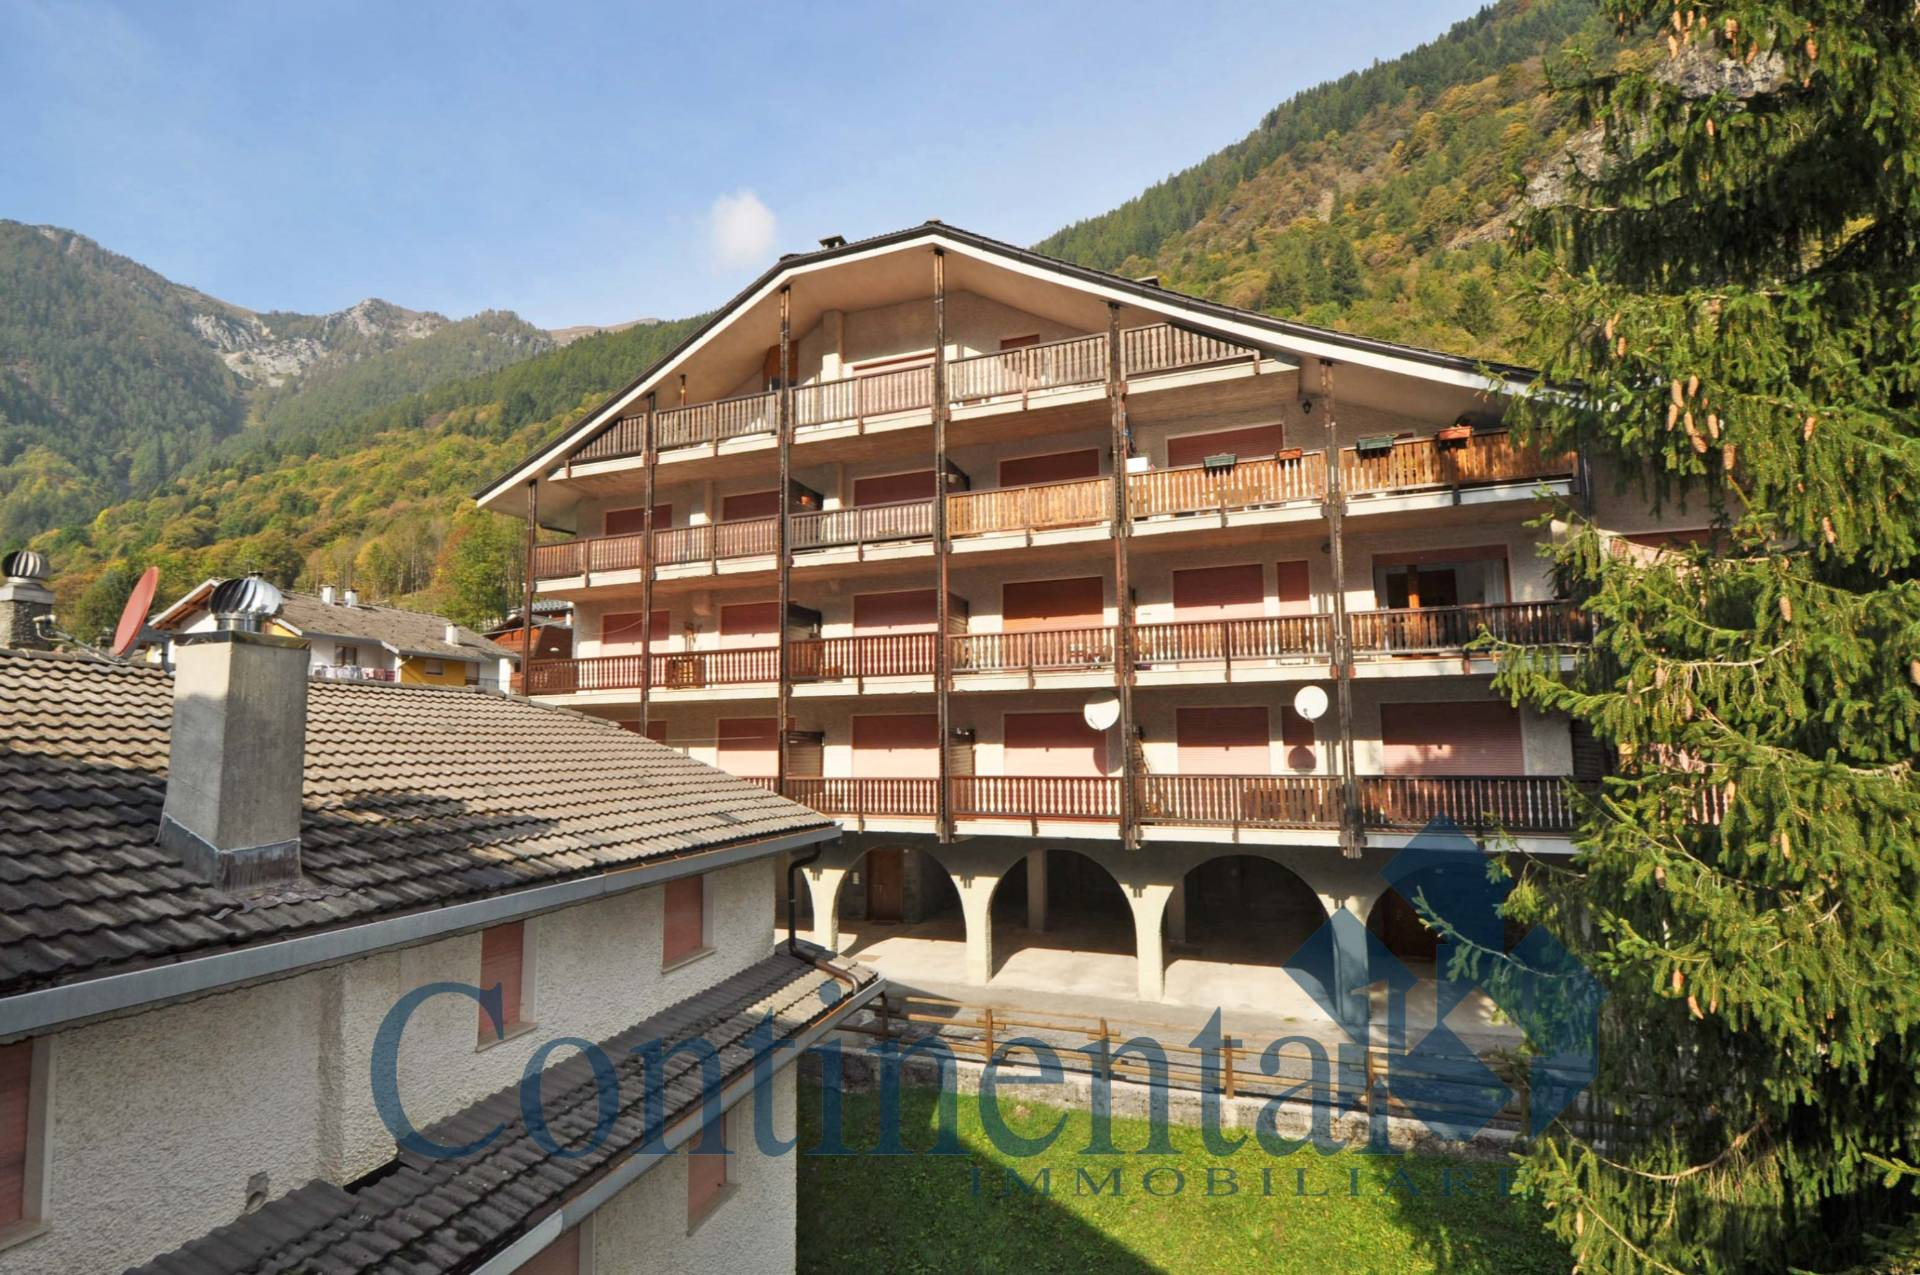 Appartamento in vendita a Carona, 5 locali, prezzo € 89.000   PortaleAgenzieImmobiliari.it